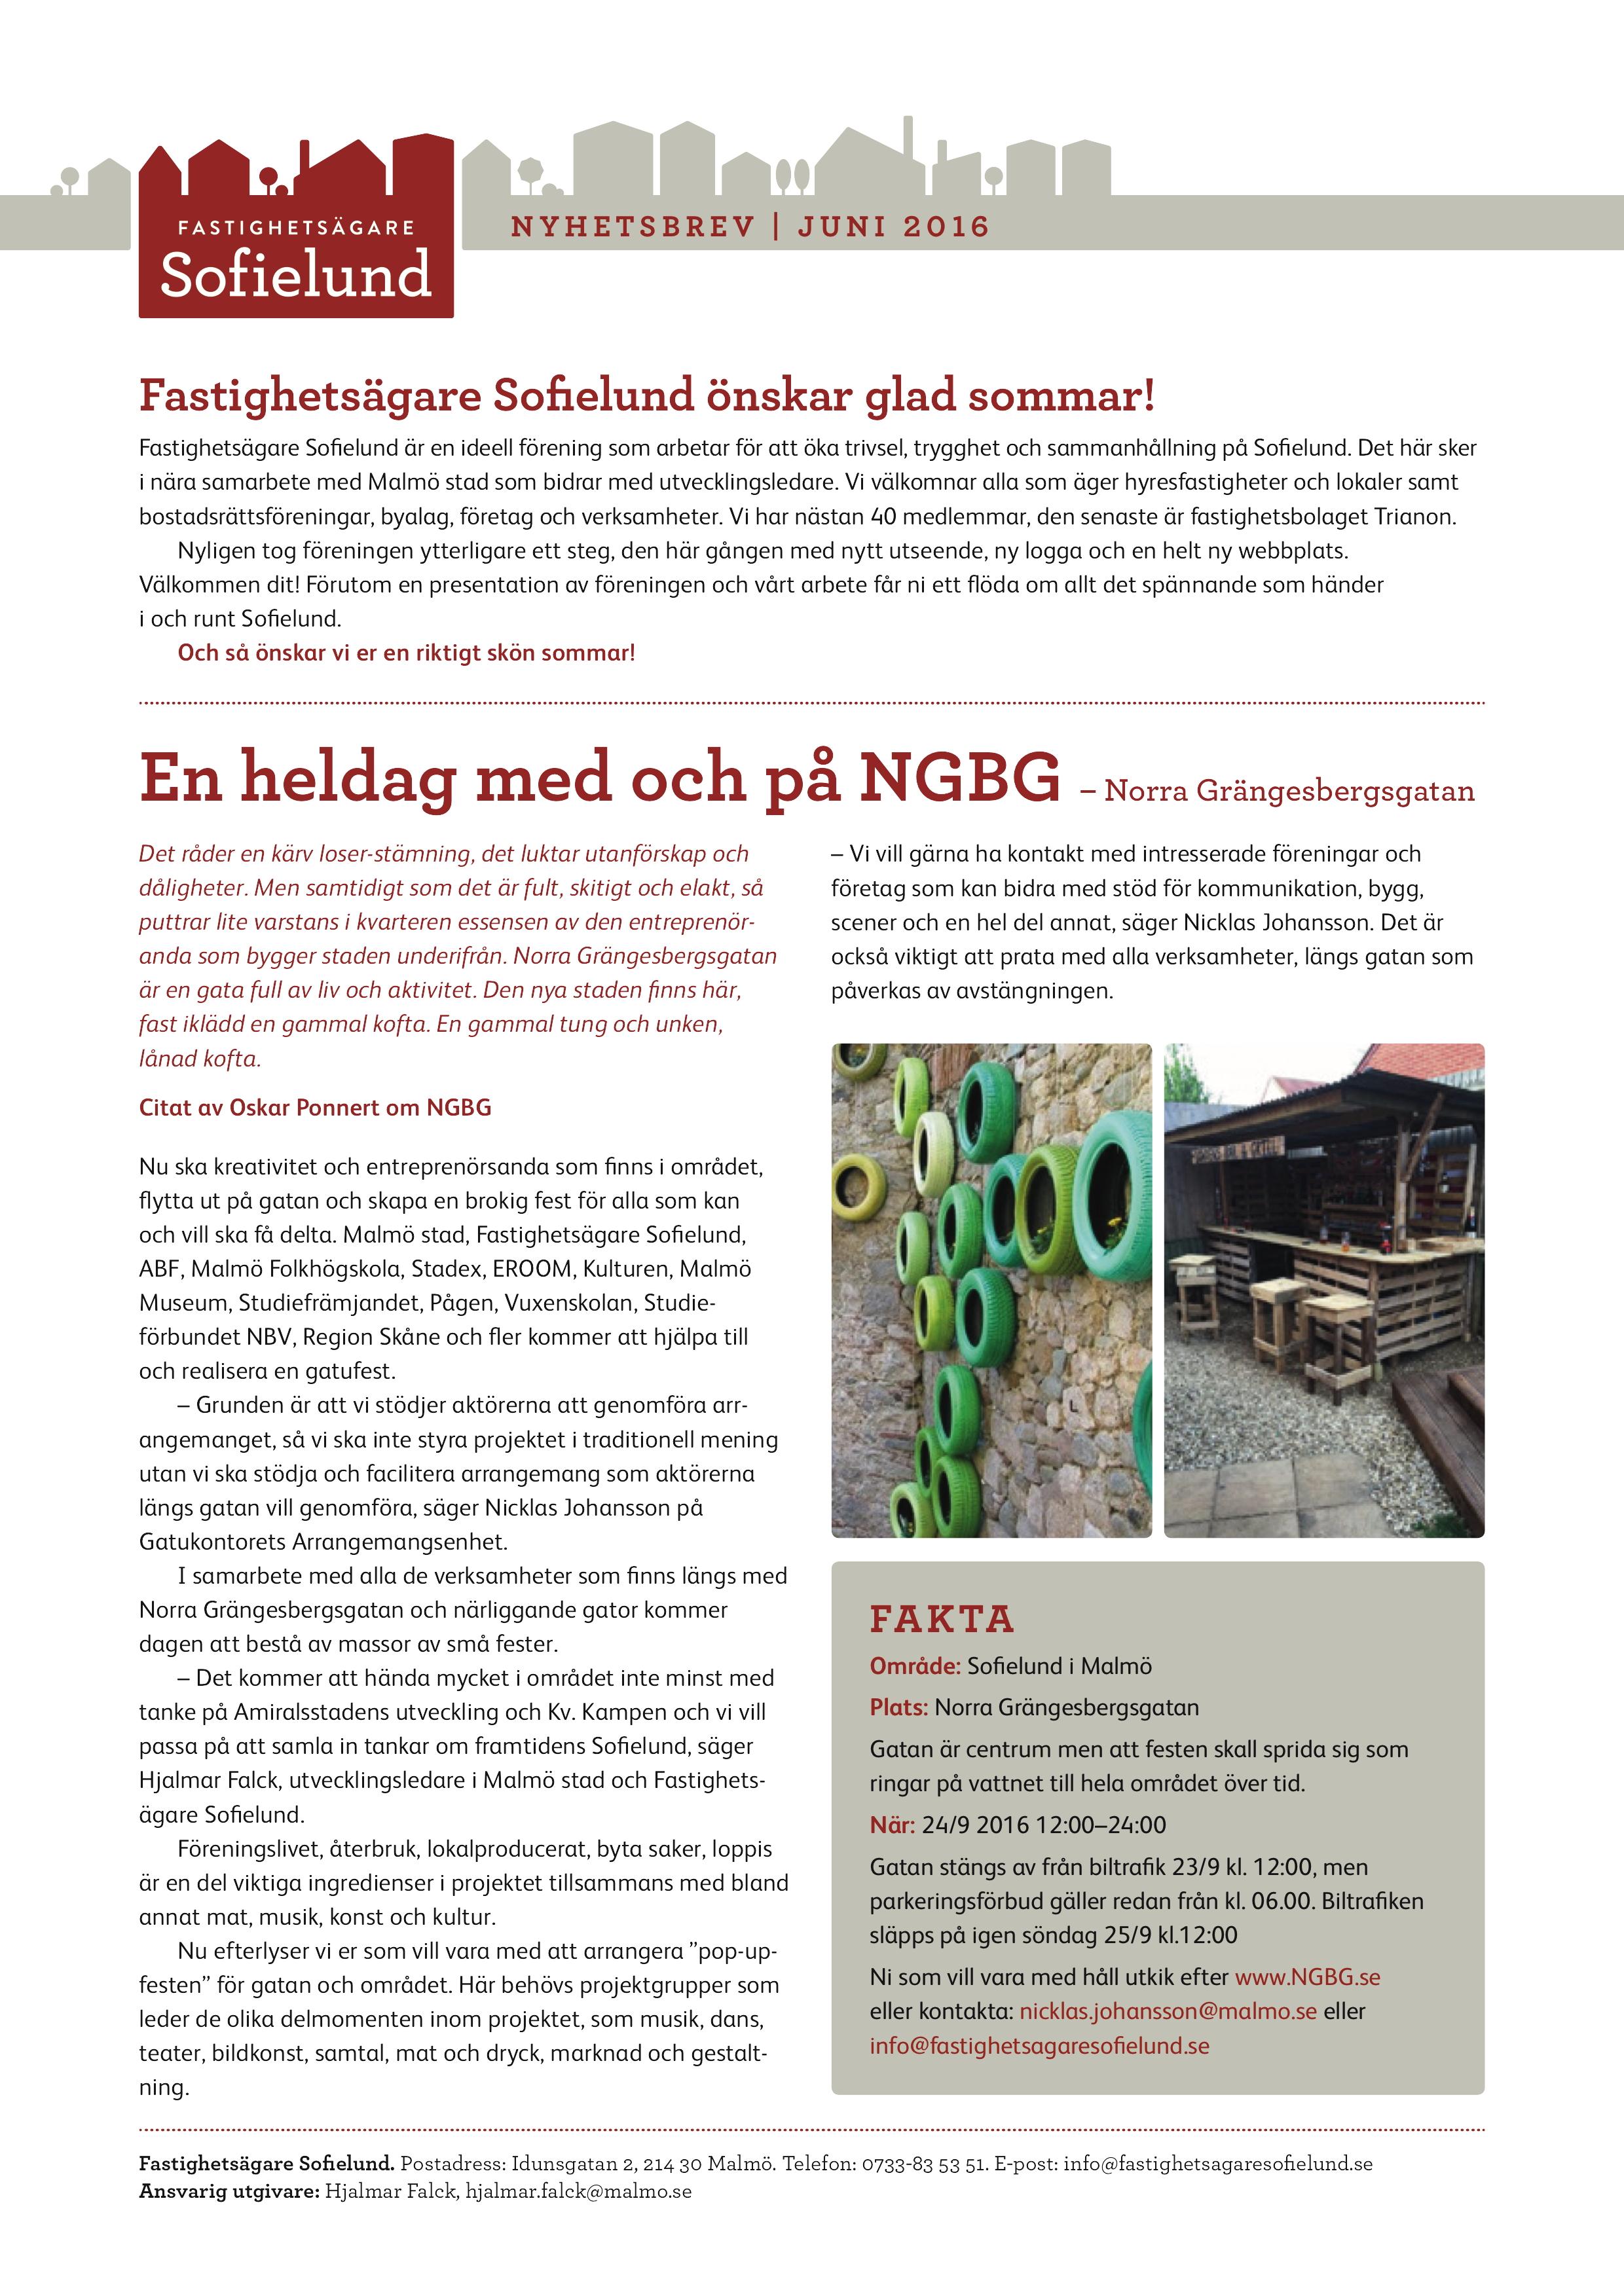 Fastighetsägare Sofielunds nyhetsbrev